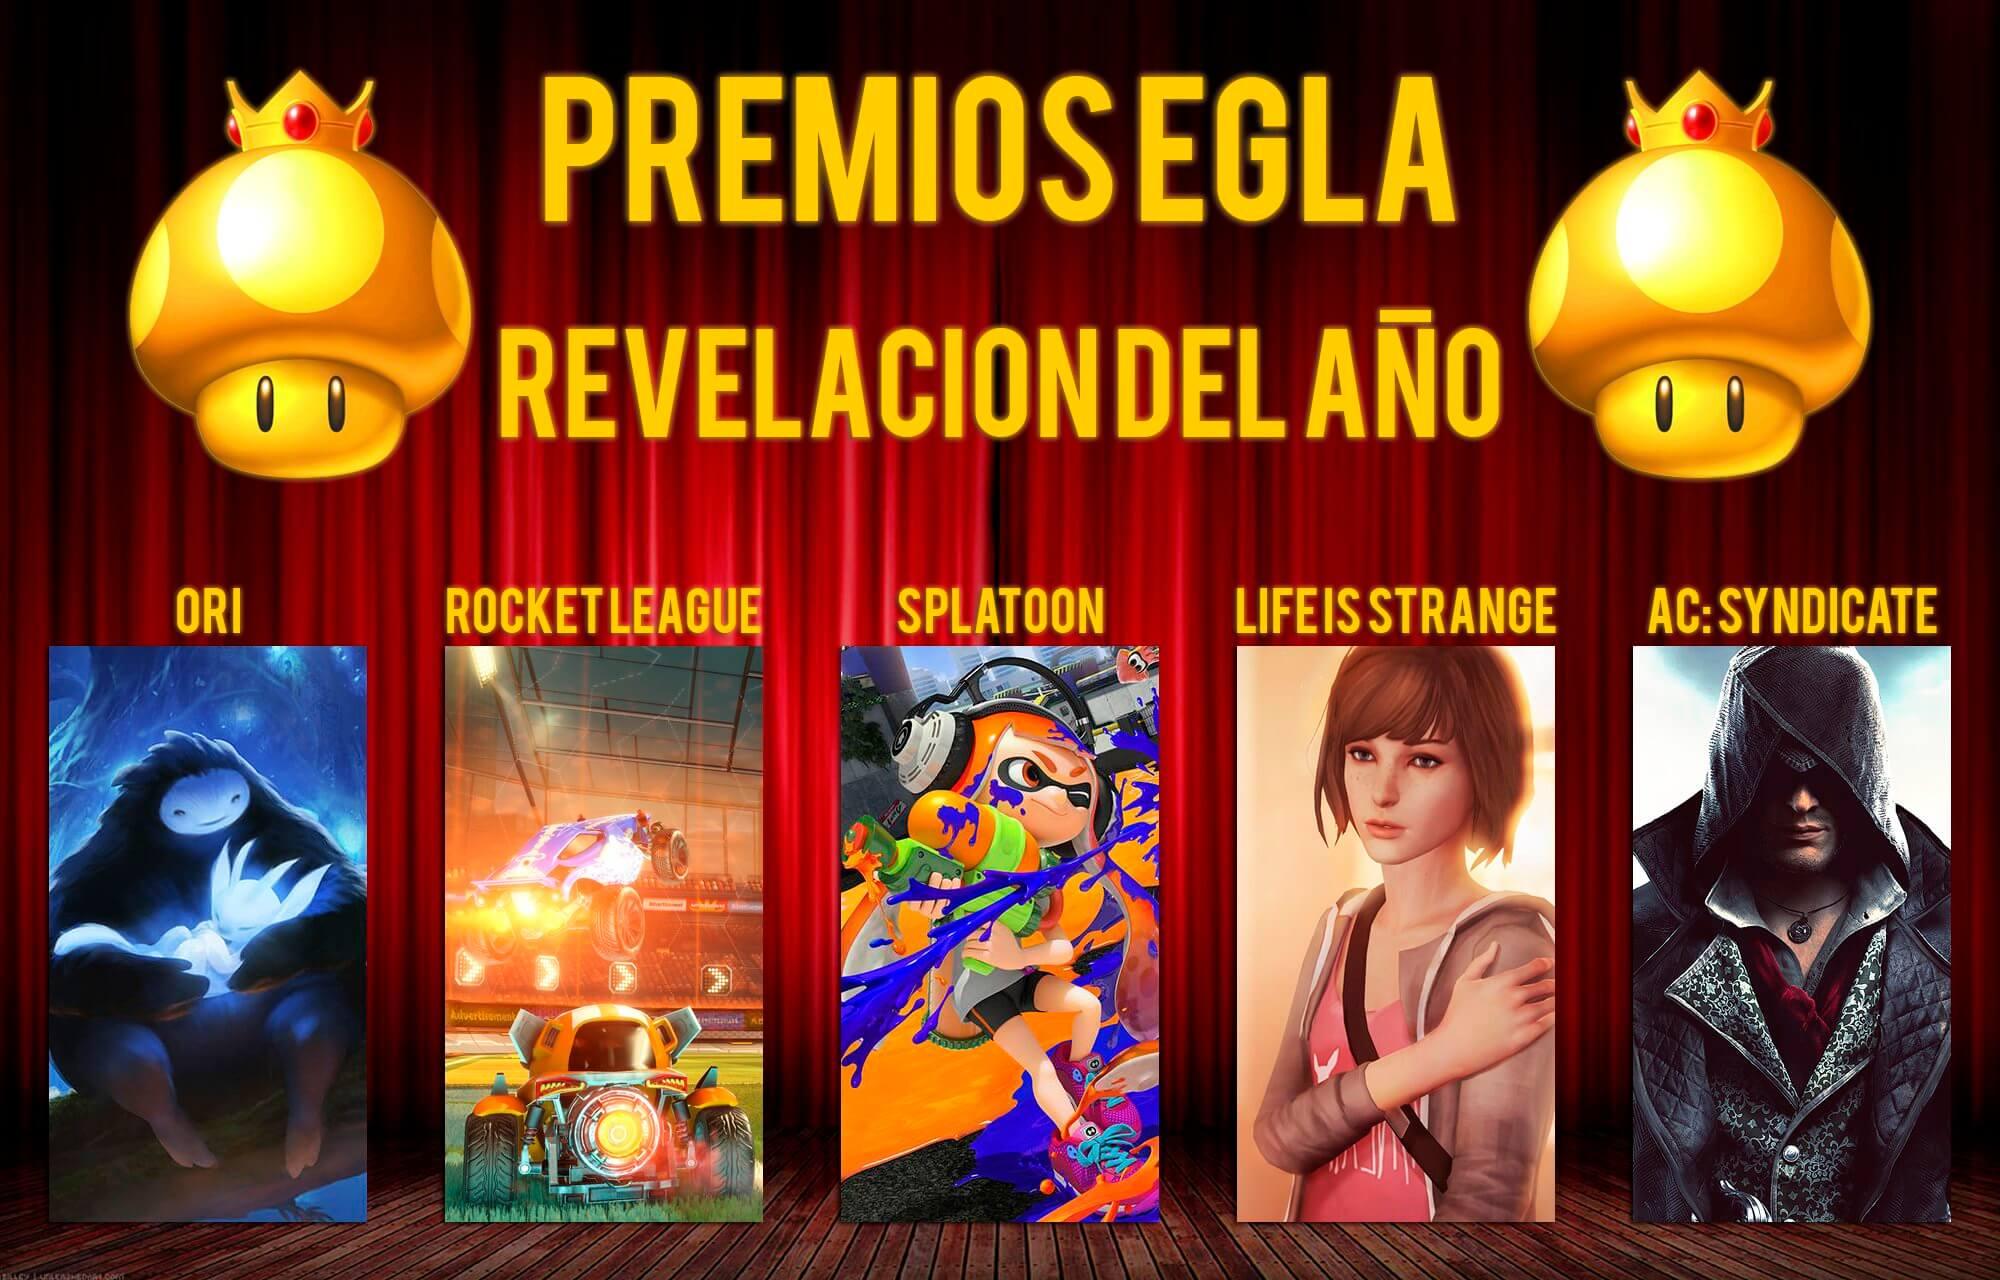 Premios EGLA 2015 Revelacion del año